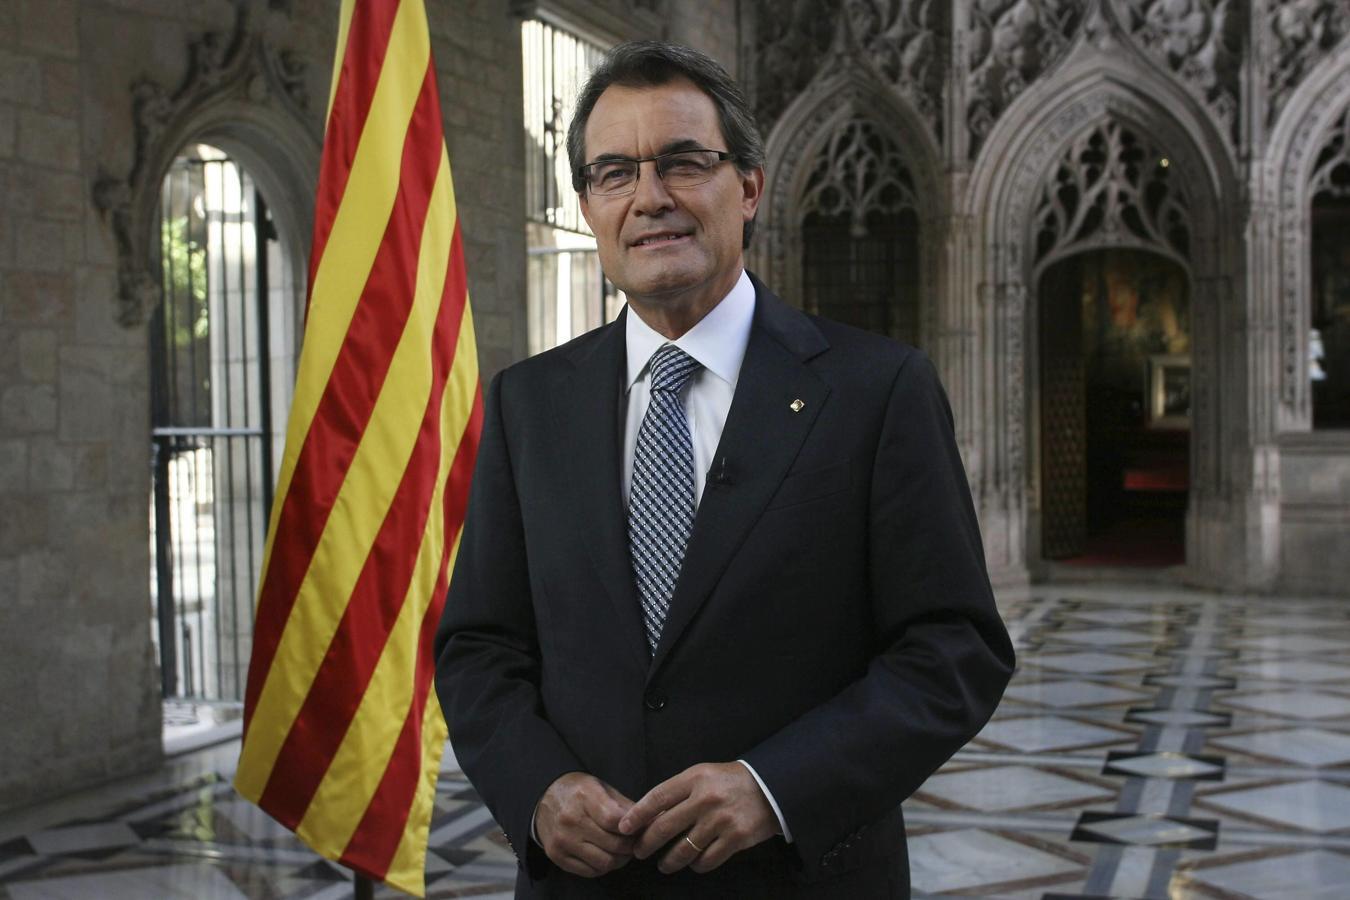 El expresidente de la Generalitat Artur Mas pronunciando su mensaje institucional durante la Diada de 2012